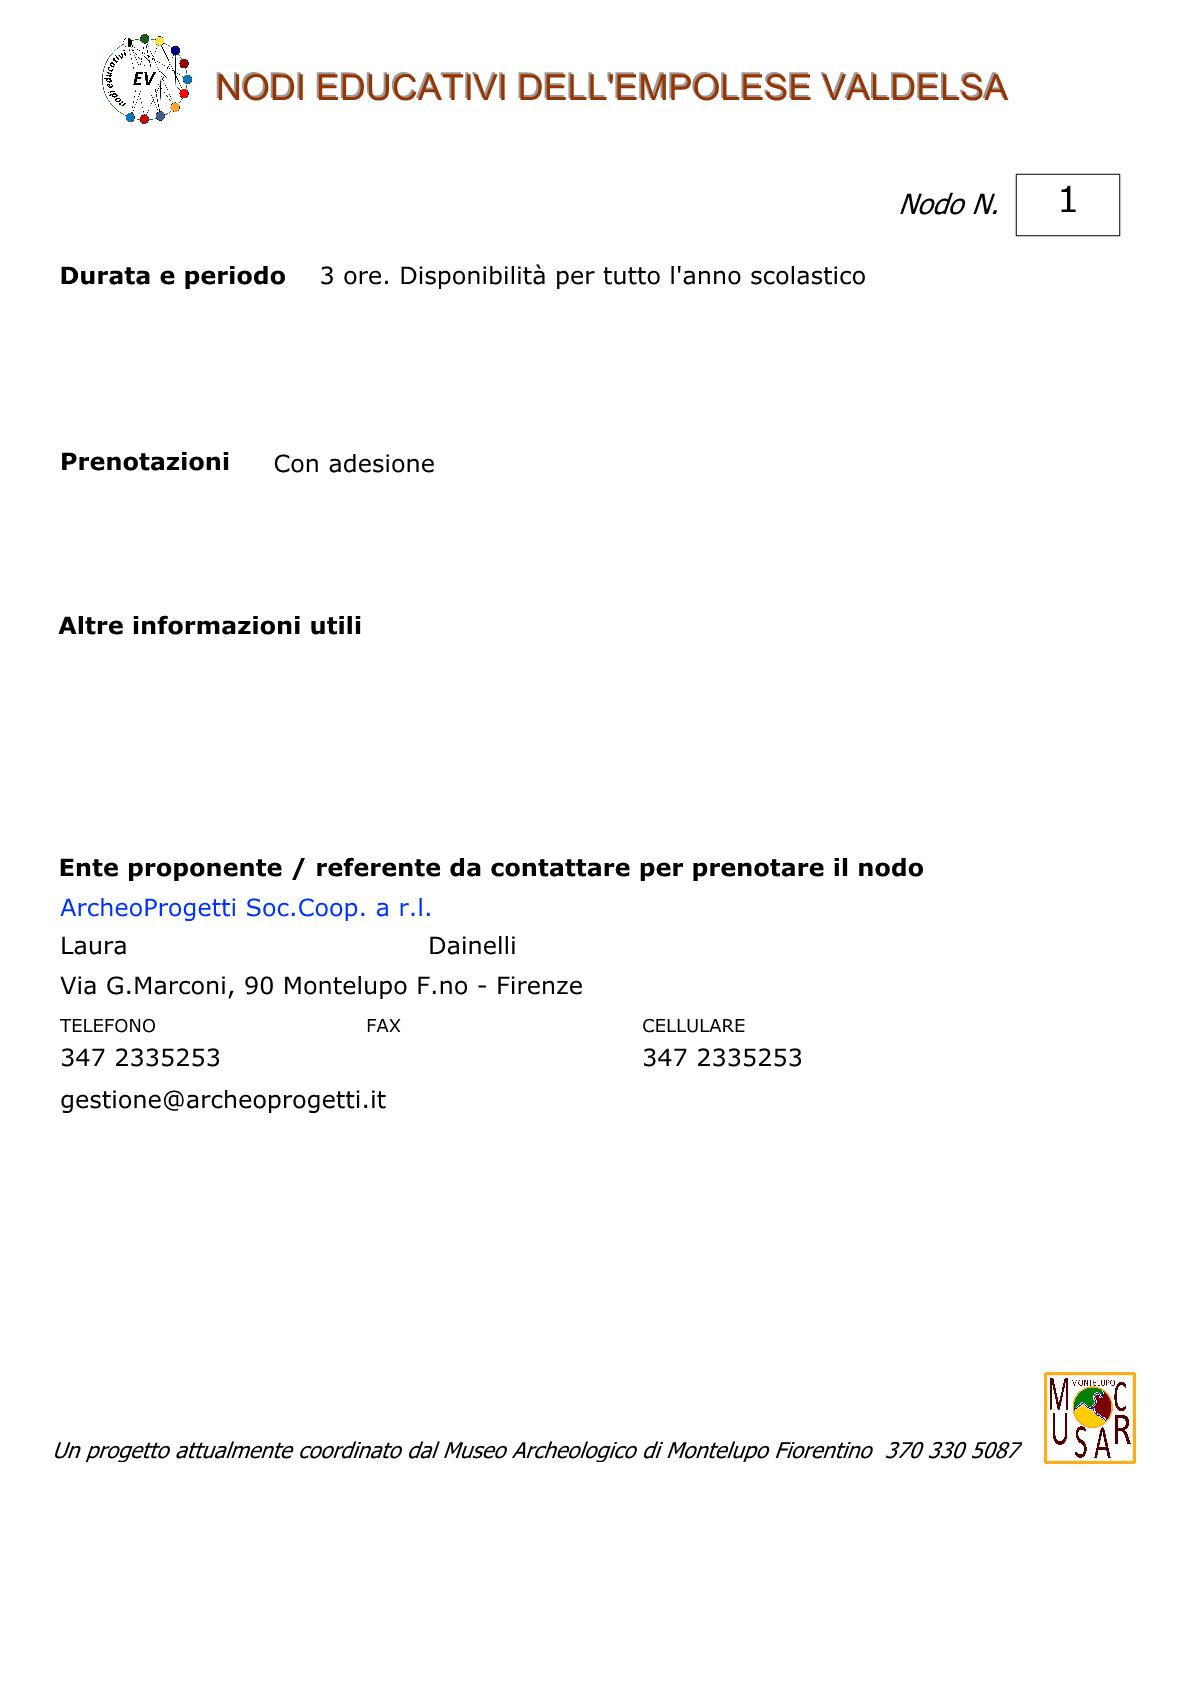 nodi-ev-161001-n-0013